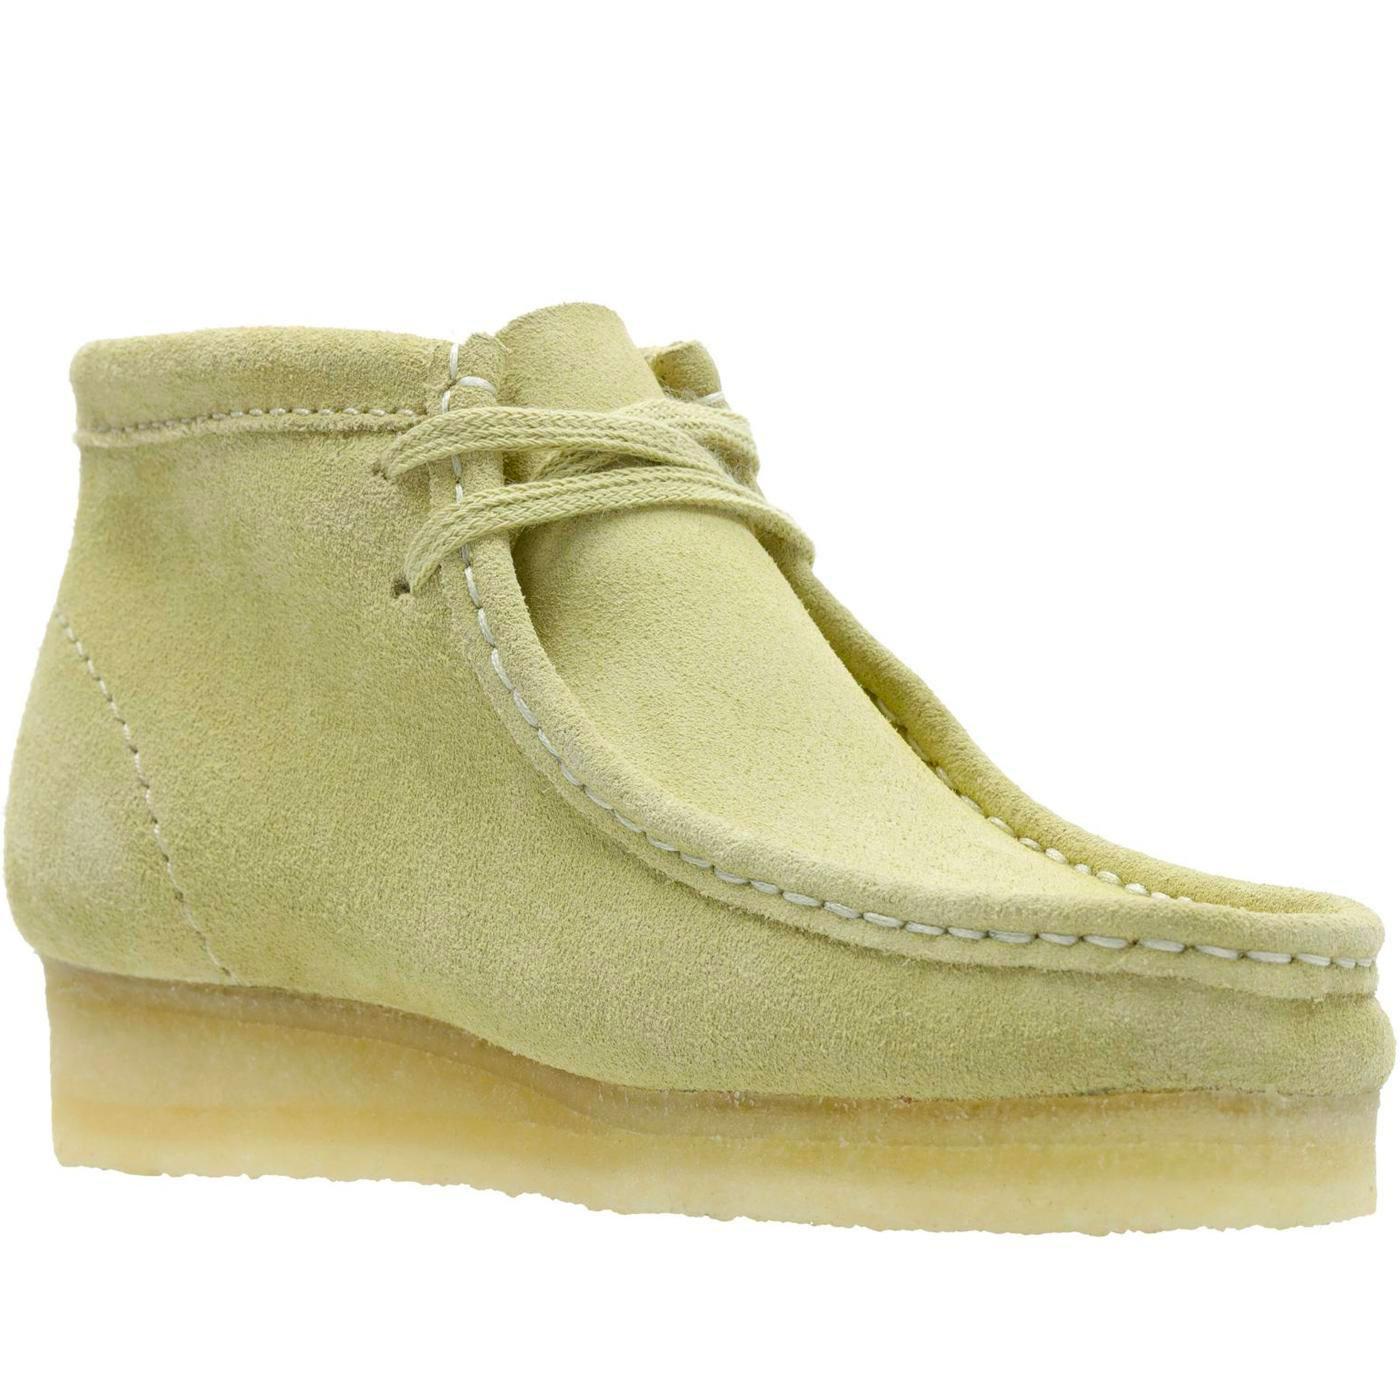 Wallabee Boot CLARKS ORIGINALS Women's Boots (MS)